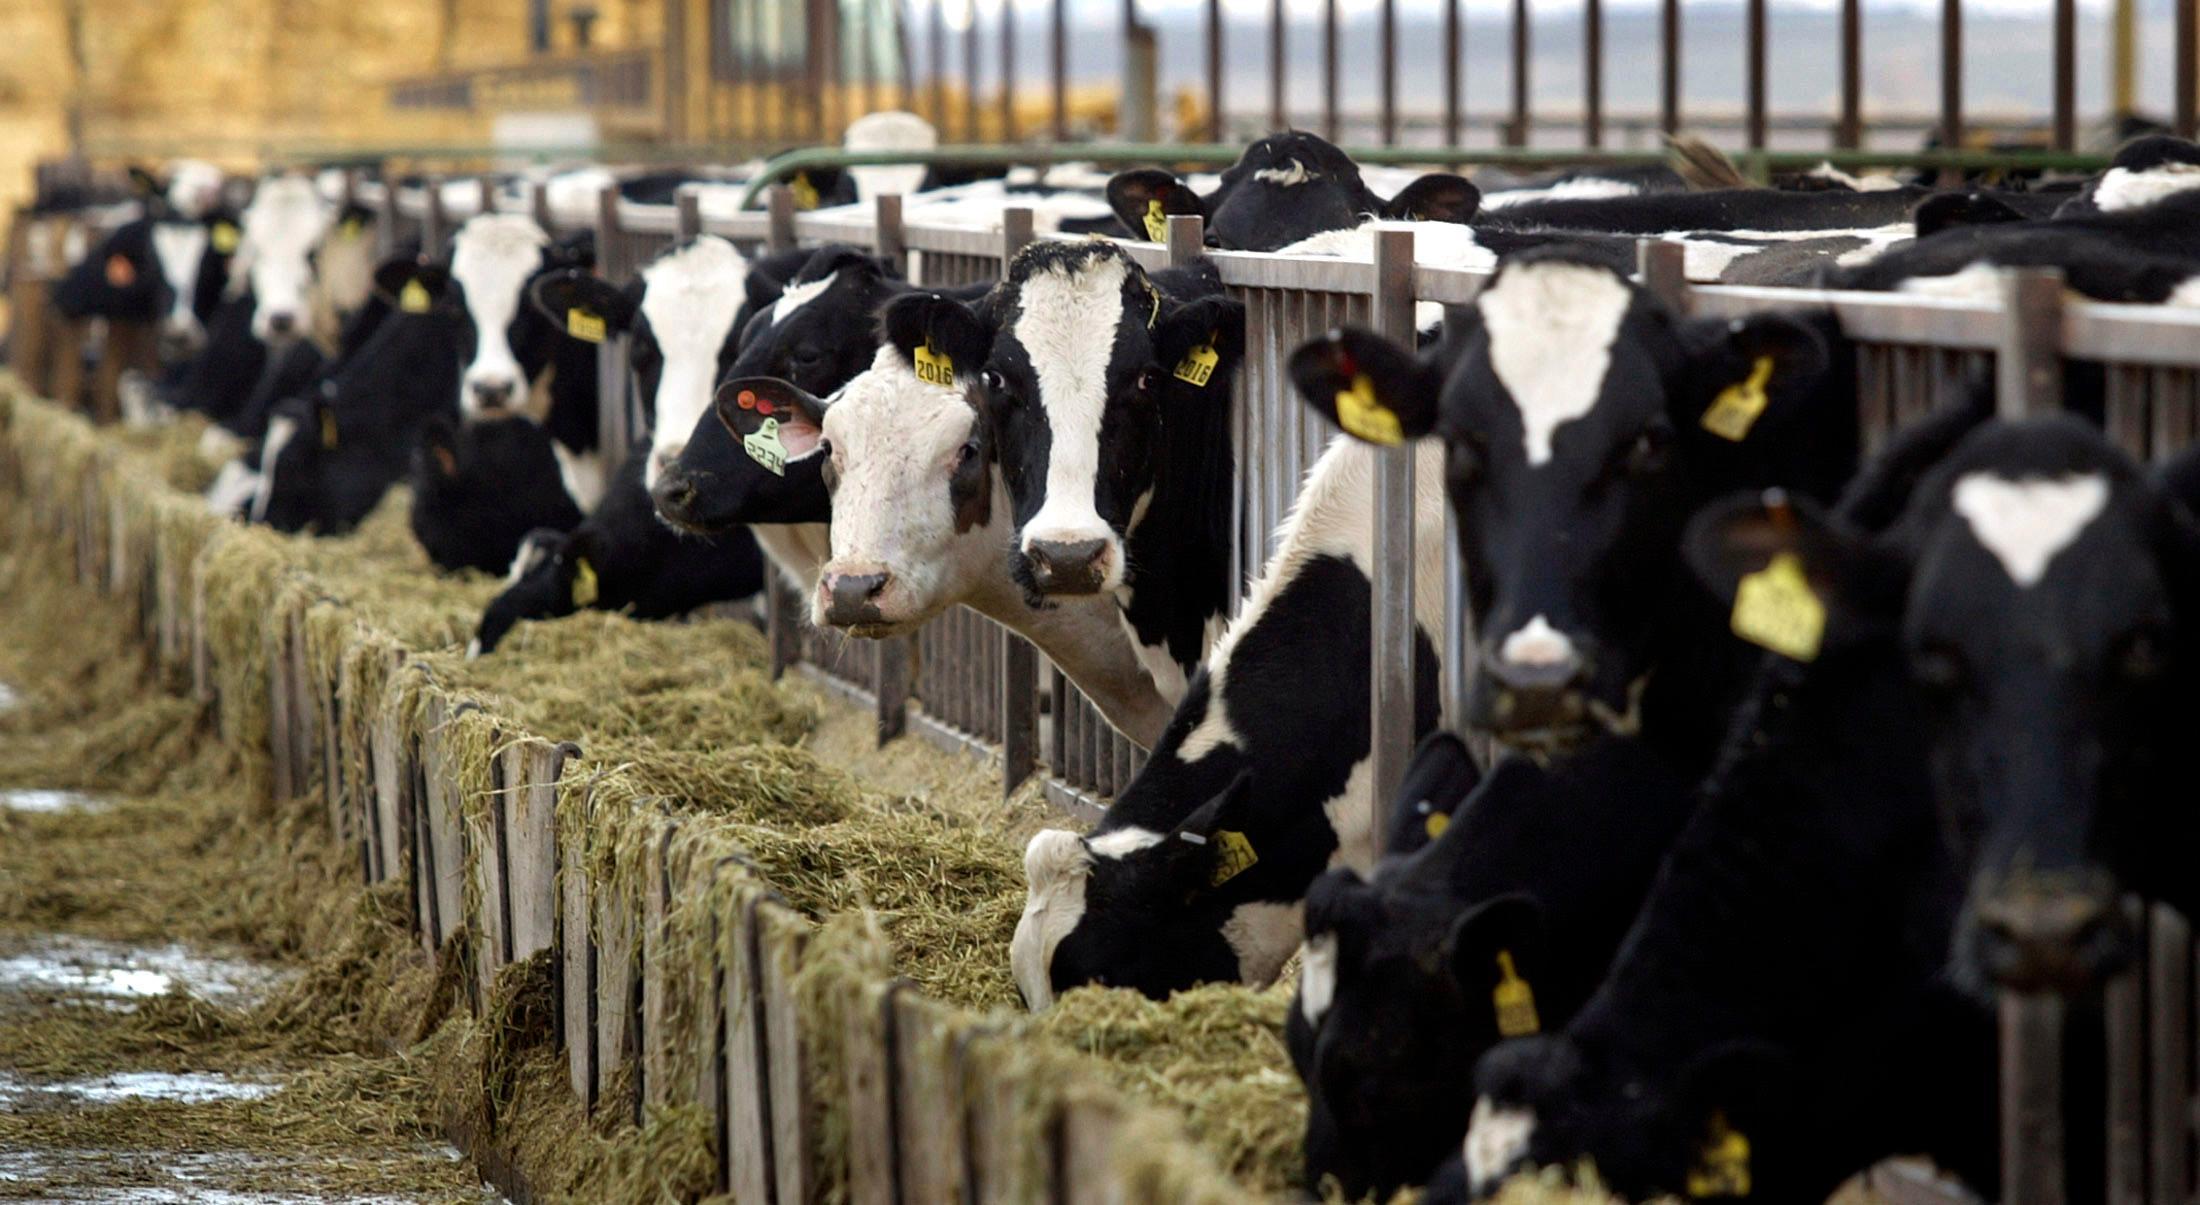 Come la nostra produzione alimentare, non solo la carne, sta distruggendo il pianeta